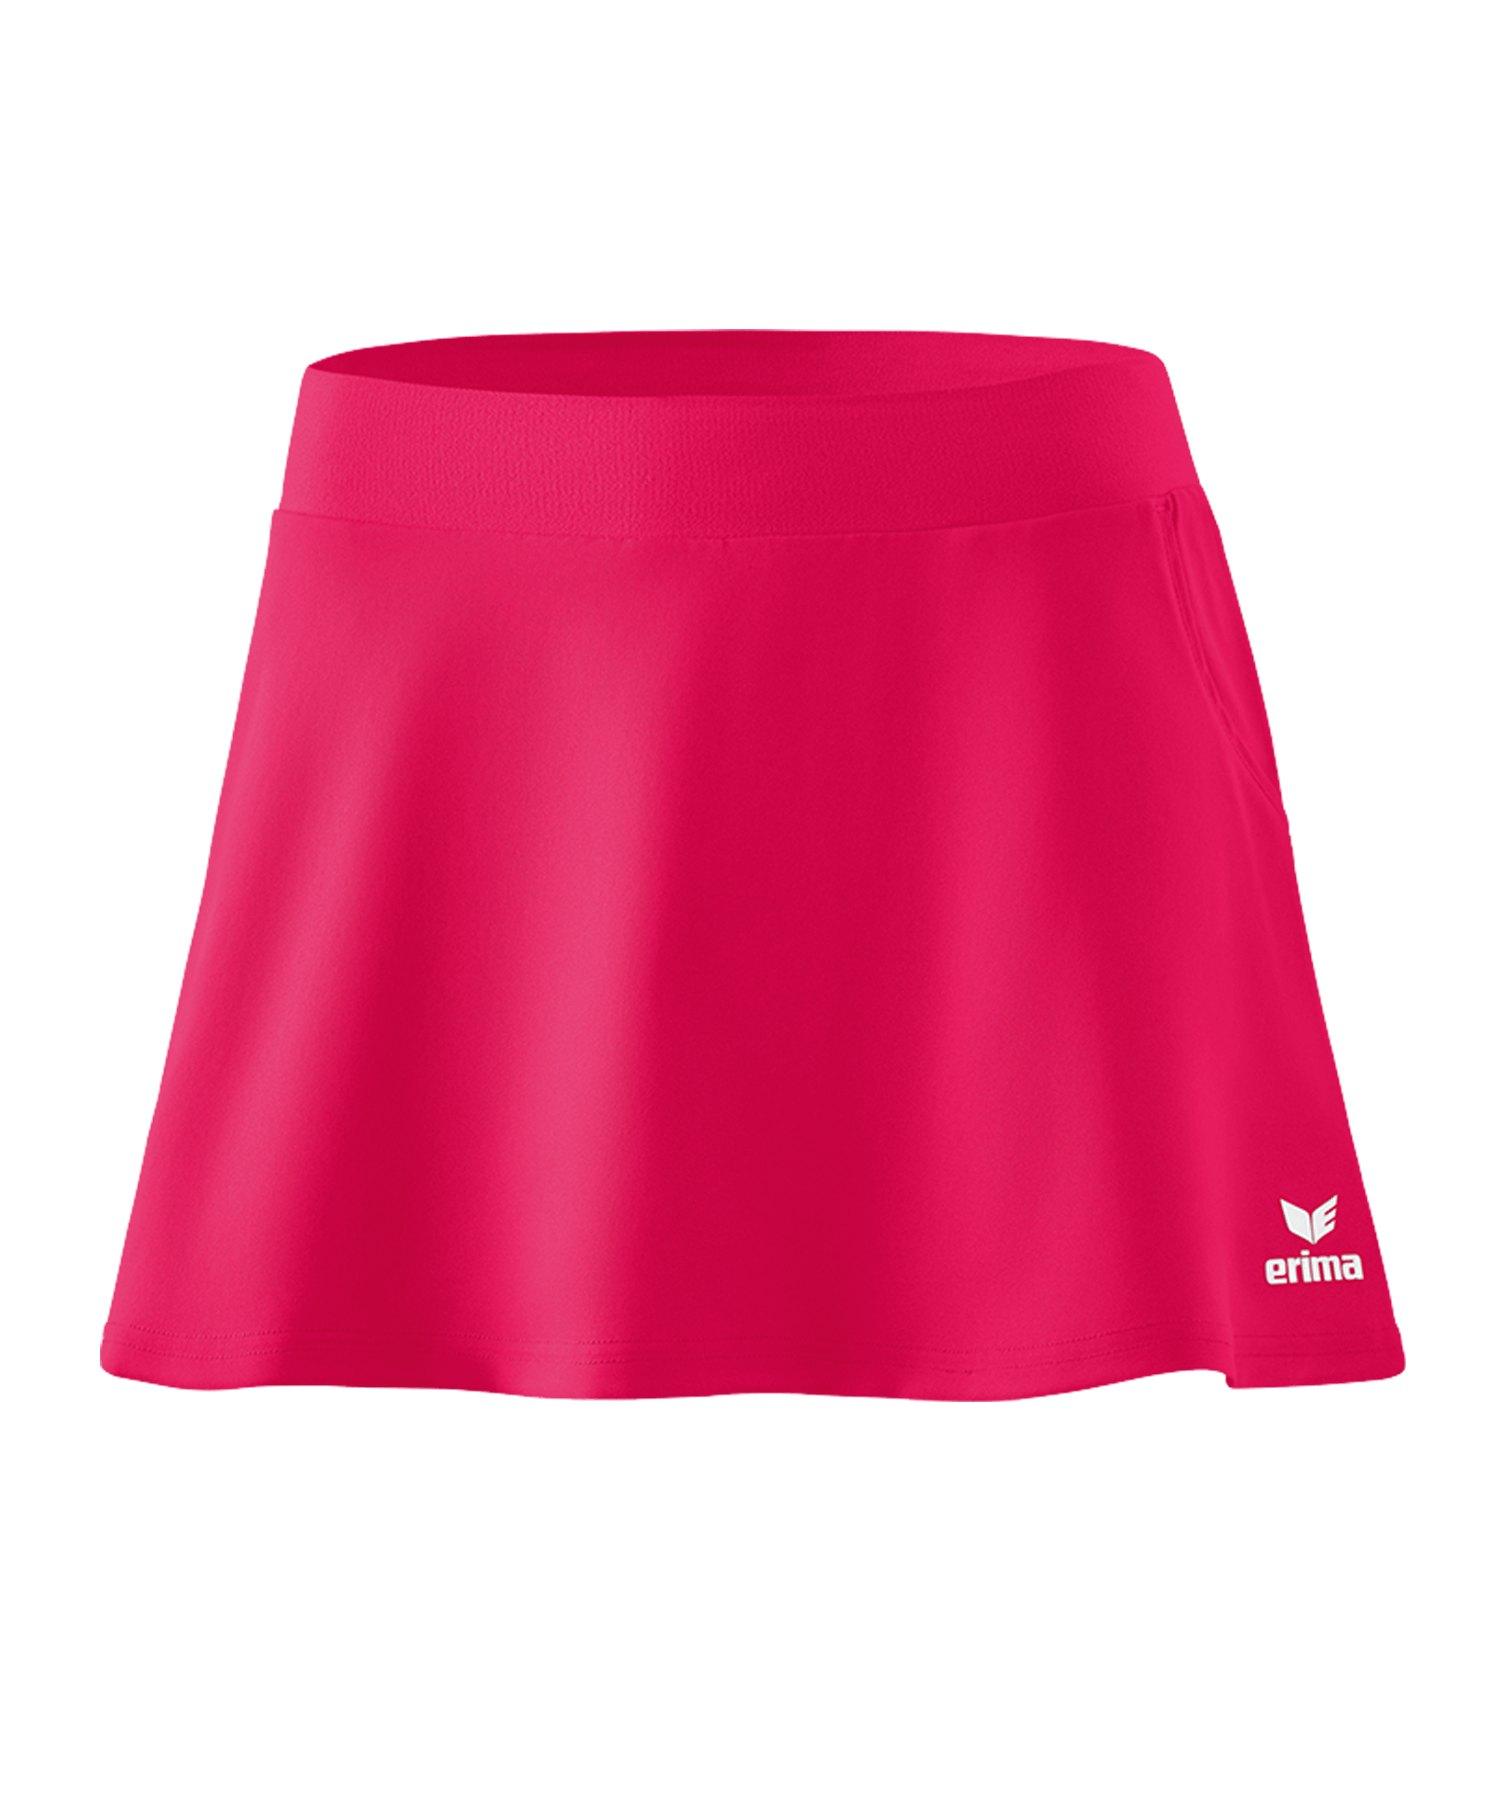 Erima Erima Tennisrock Kids Rosa - rosa